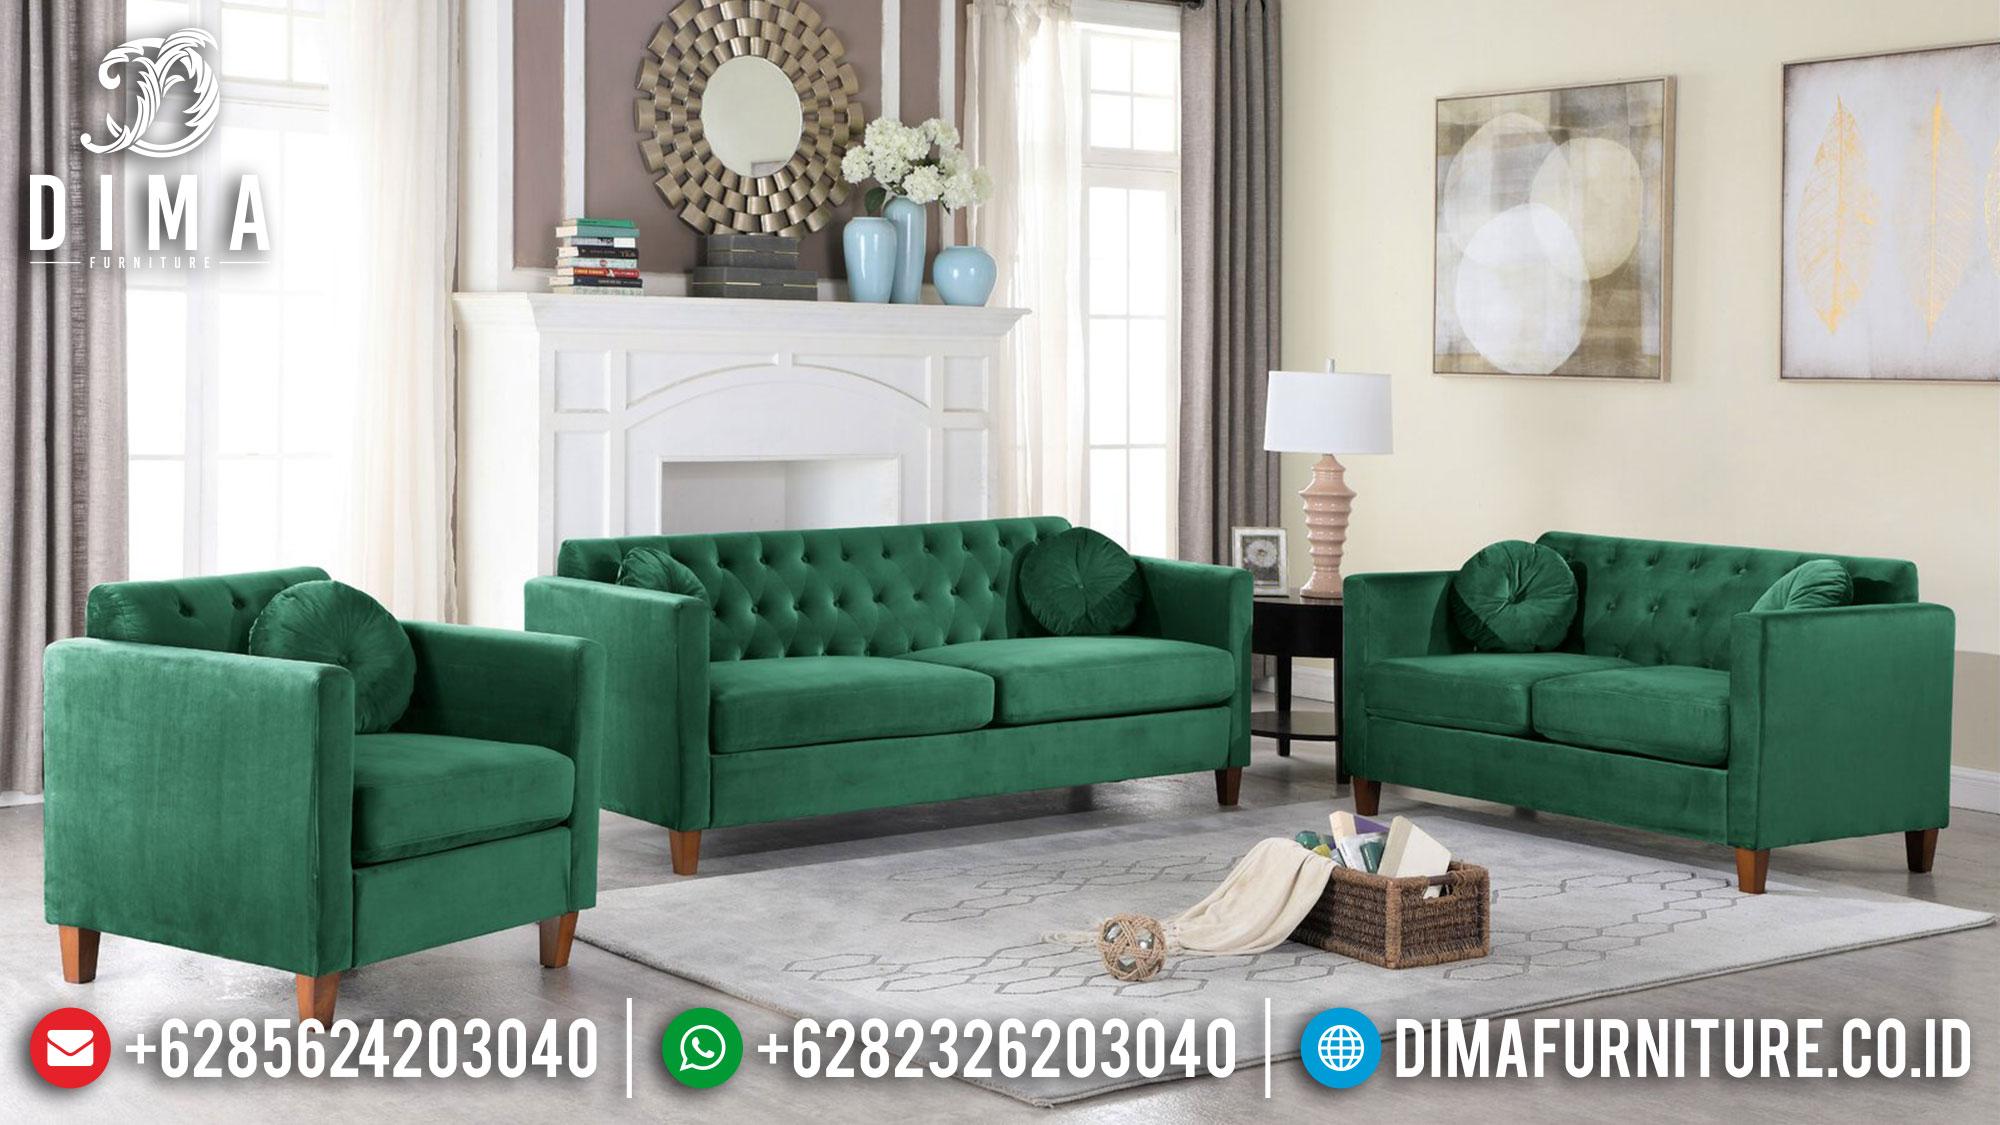 Check Disini Sofa Tamu Minimalis Jepara Best Quality Discount Khusus Bulan Ramadhan Mm-1085